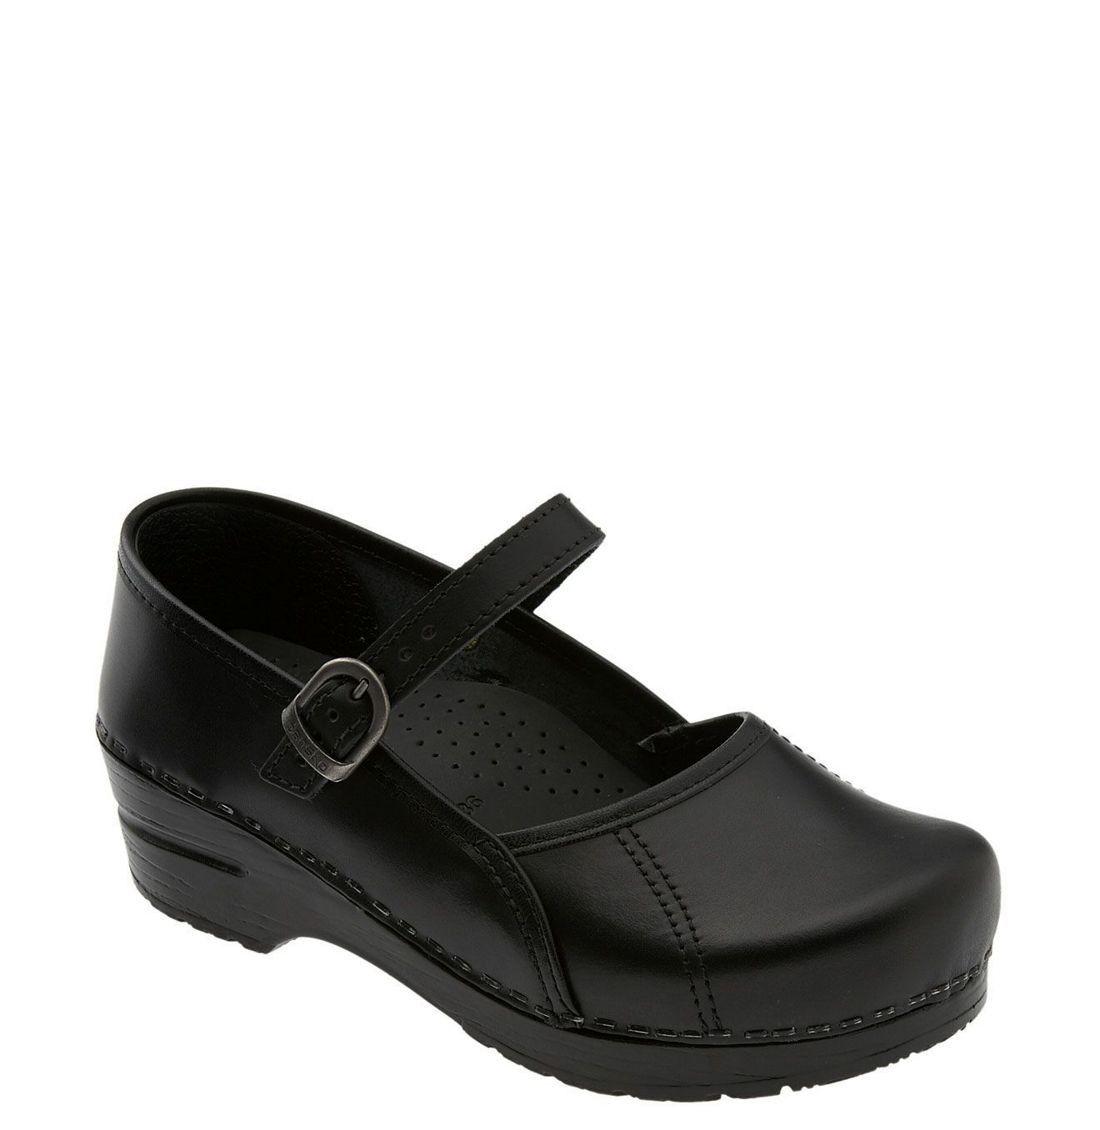 90224a686e6 New DANSKO  Marcelle  Mary Jane online. New DANSKO Shoes.   124.95  SKU  RIEW33600MXWO15346